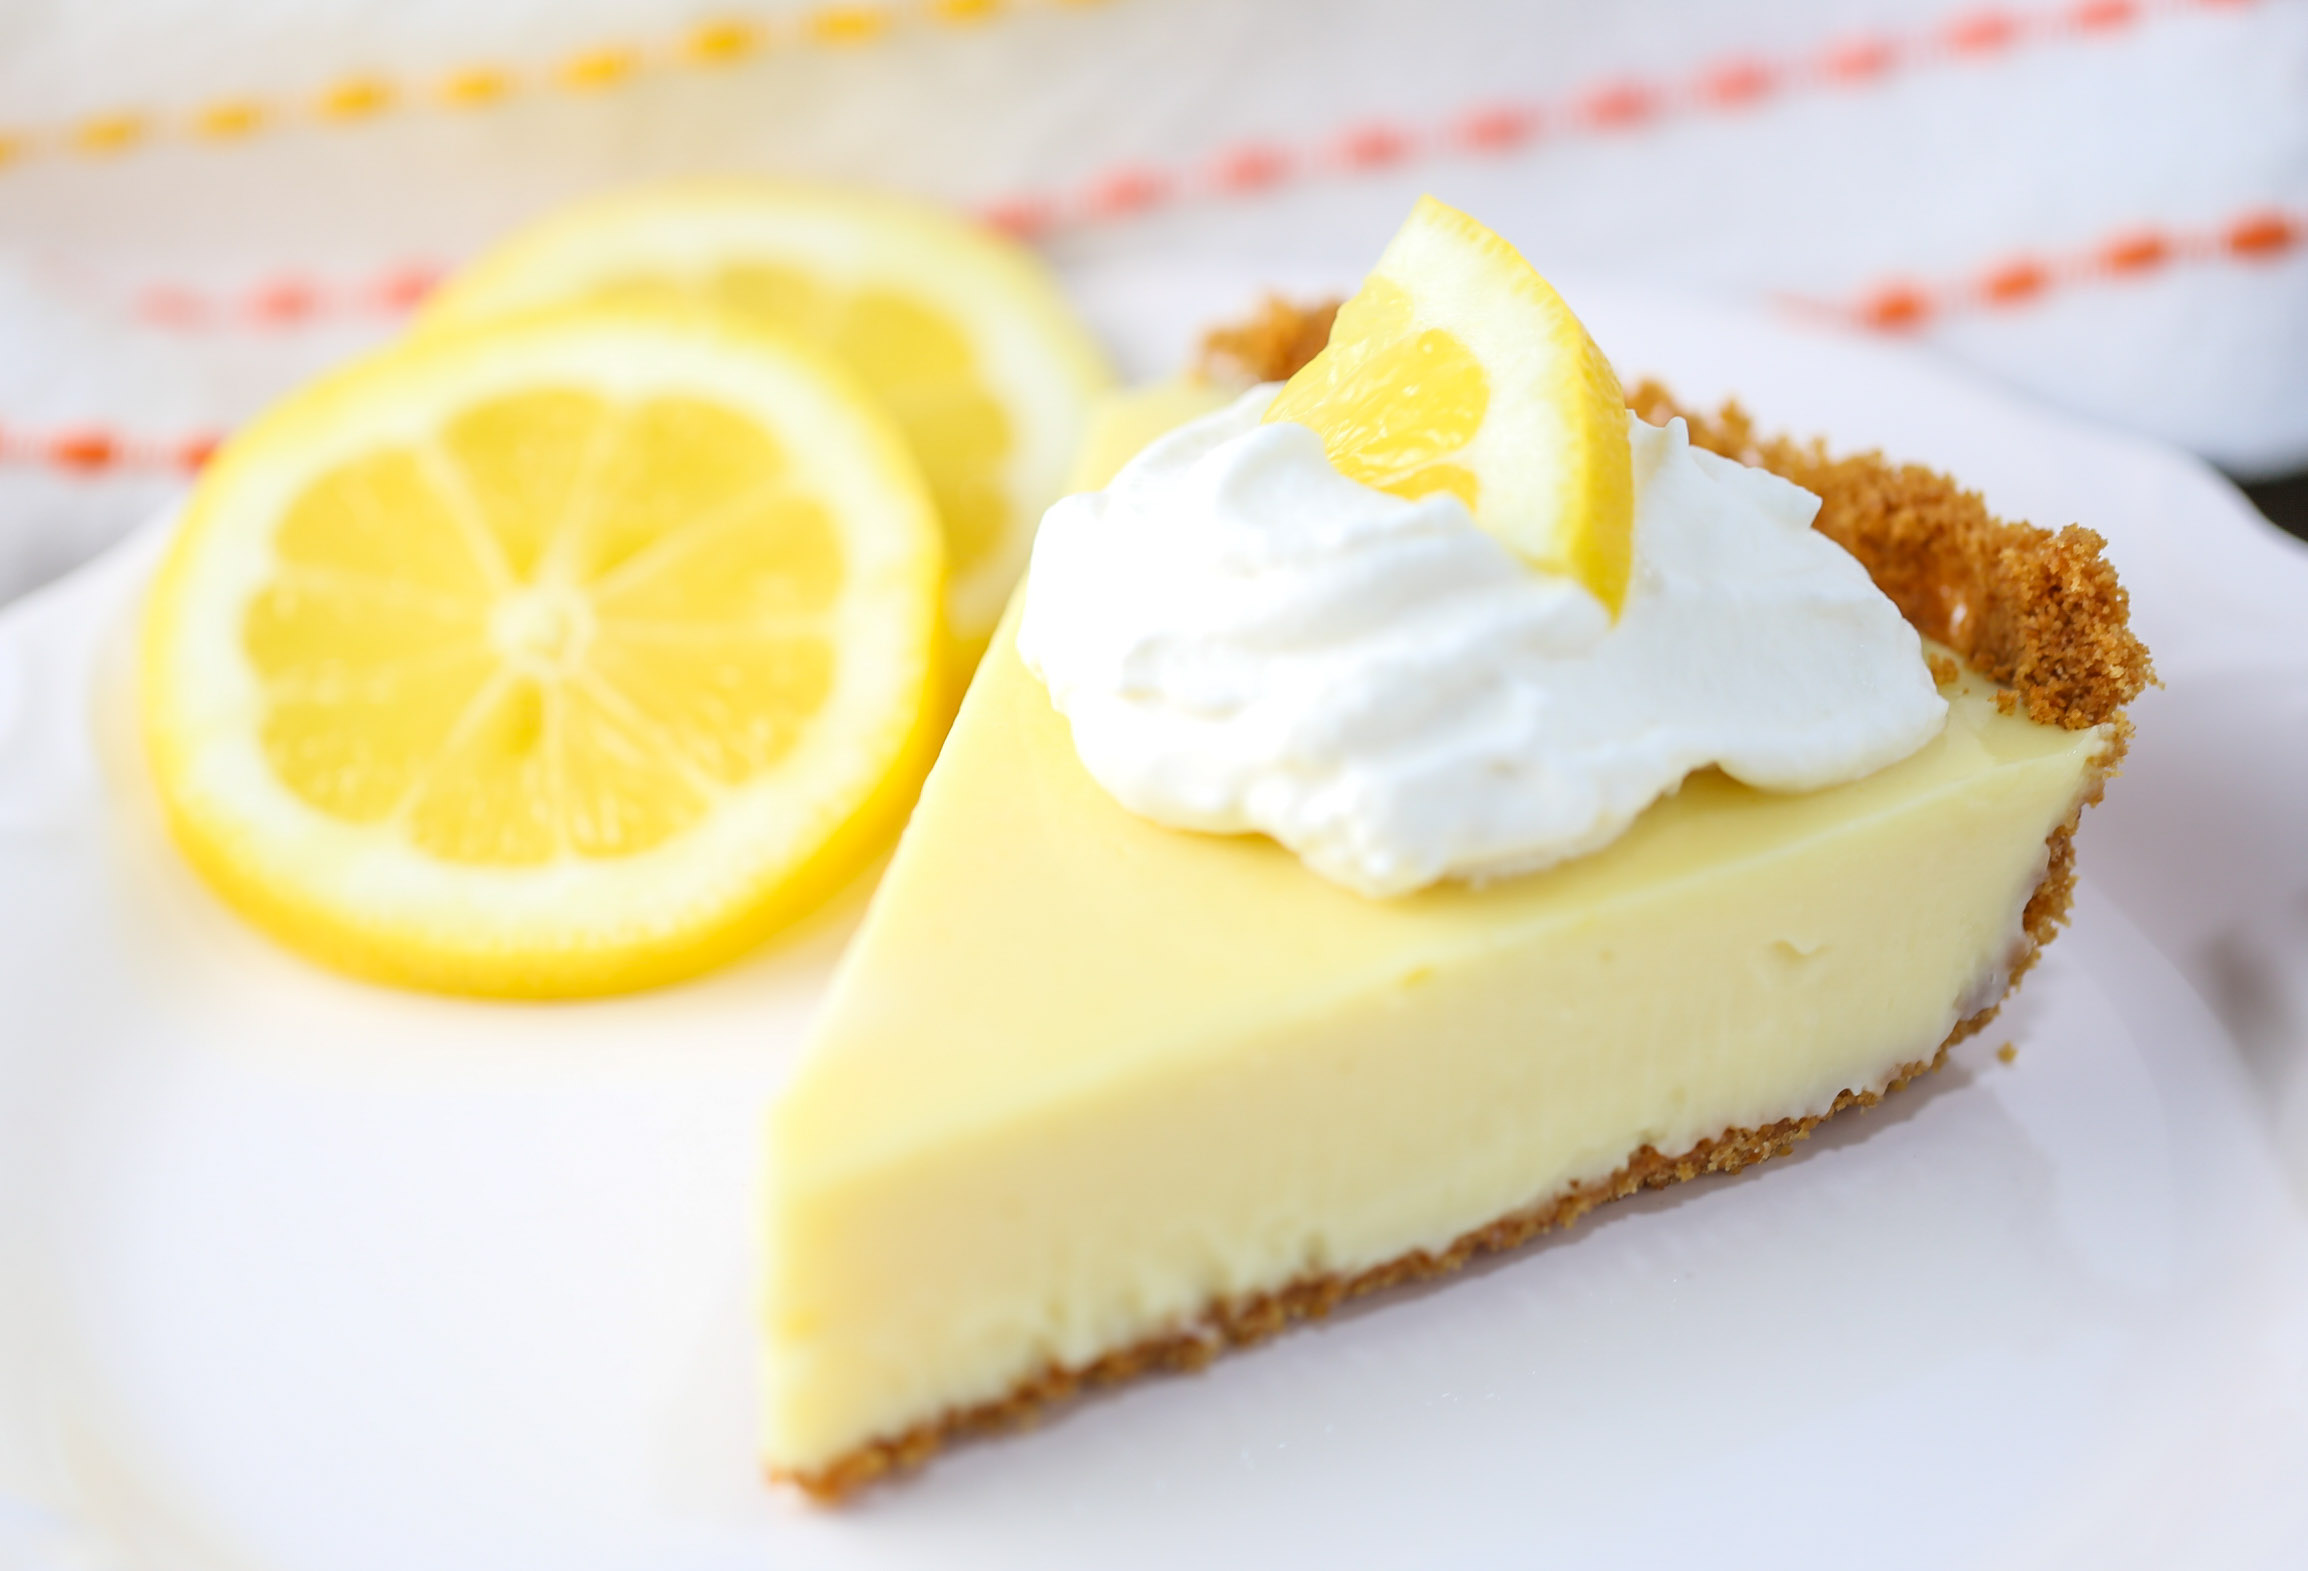 Lemon Pie Filling Cake